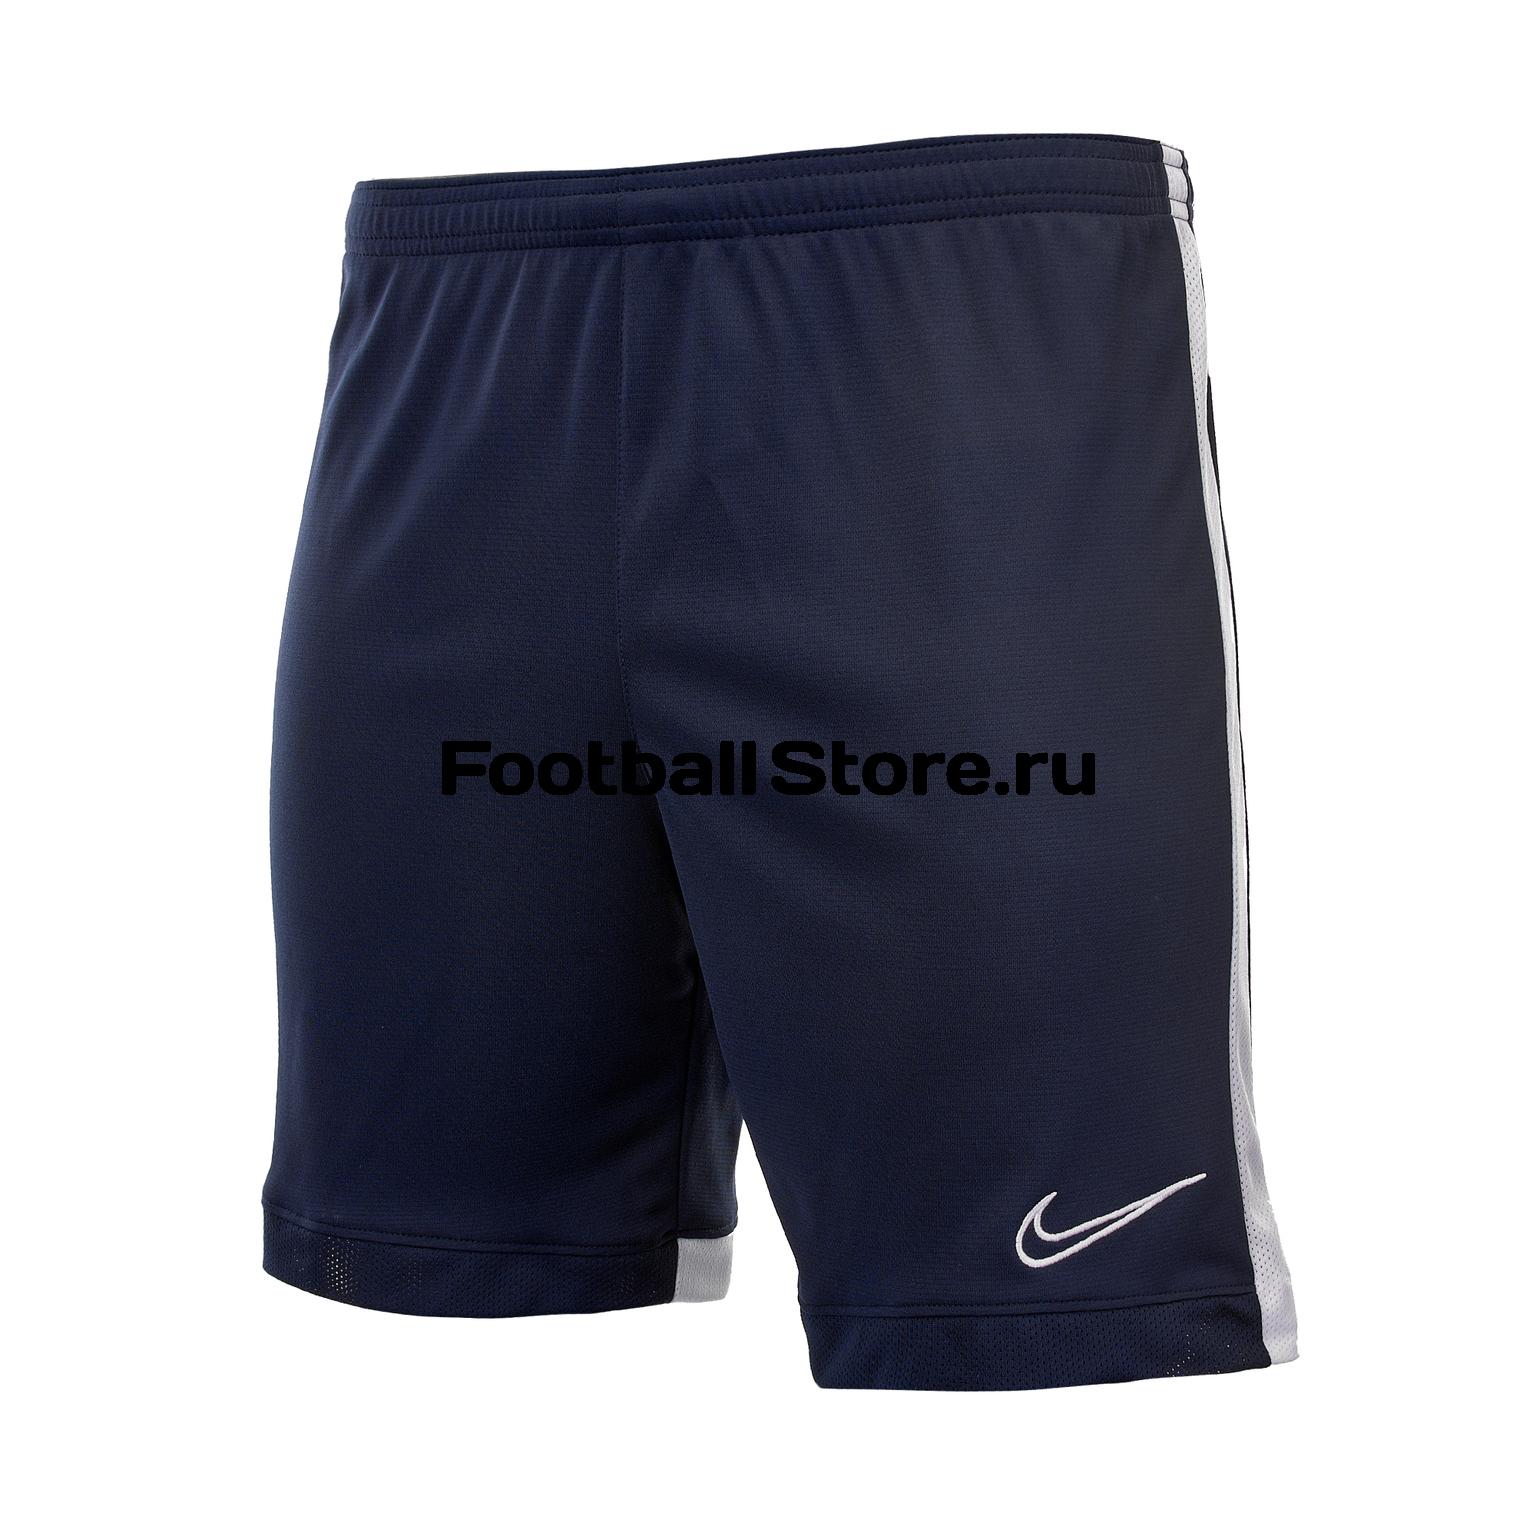 Шорты тренировочные Nike Dry Academy Short AJ9994-451 брюки тренировочные подростковые nike squad 832390 451